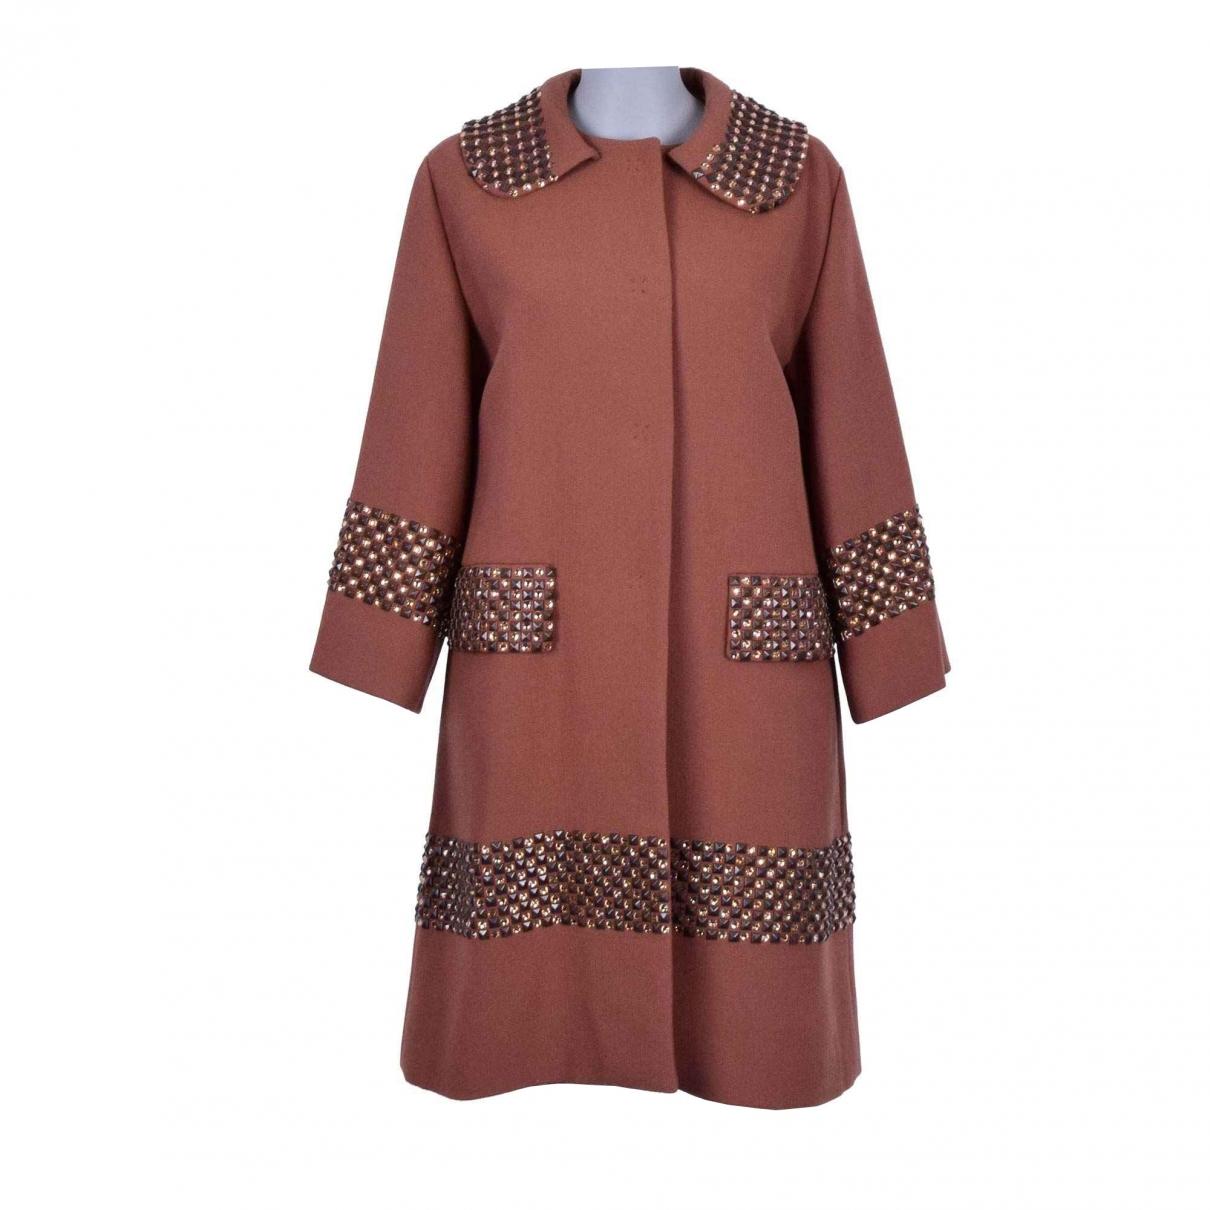 Dolce & Gabbana \N Brown Wool coat for Women 40 IT